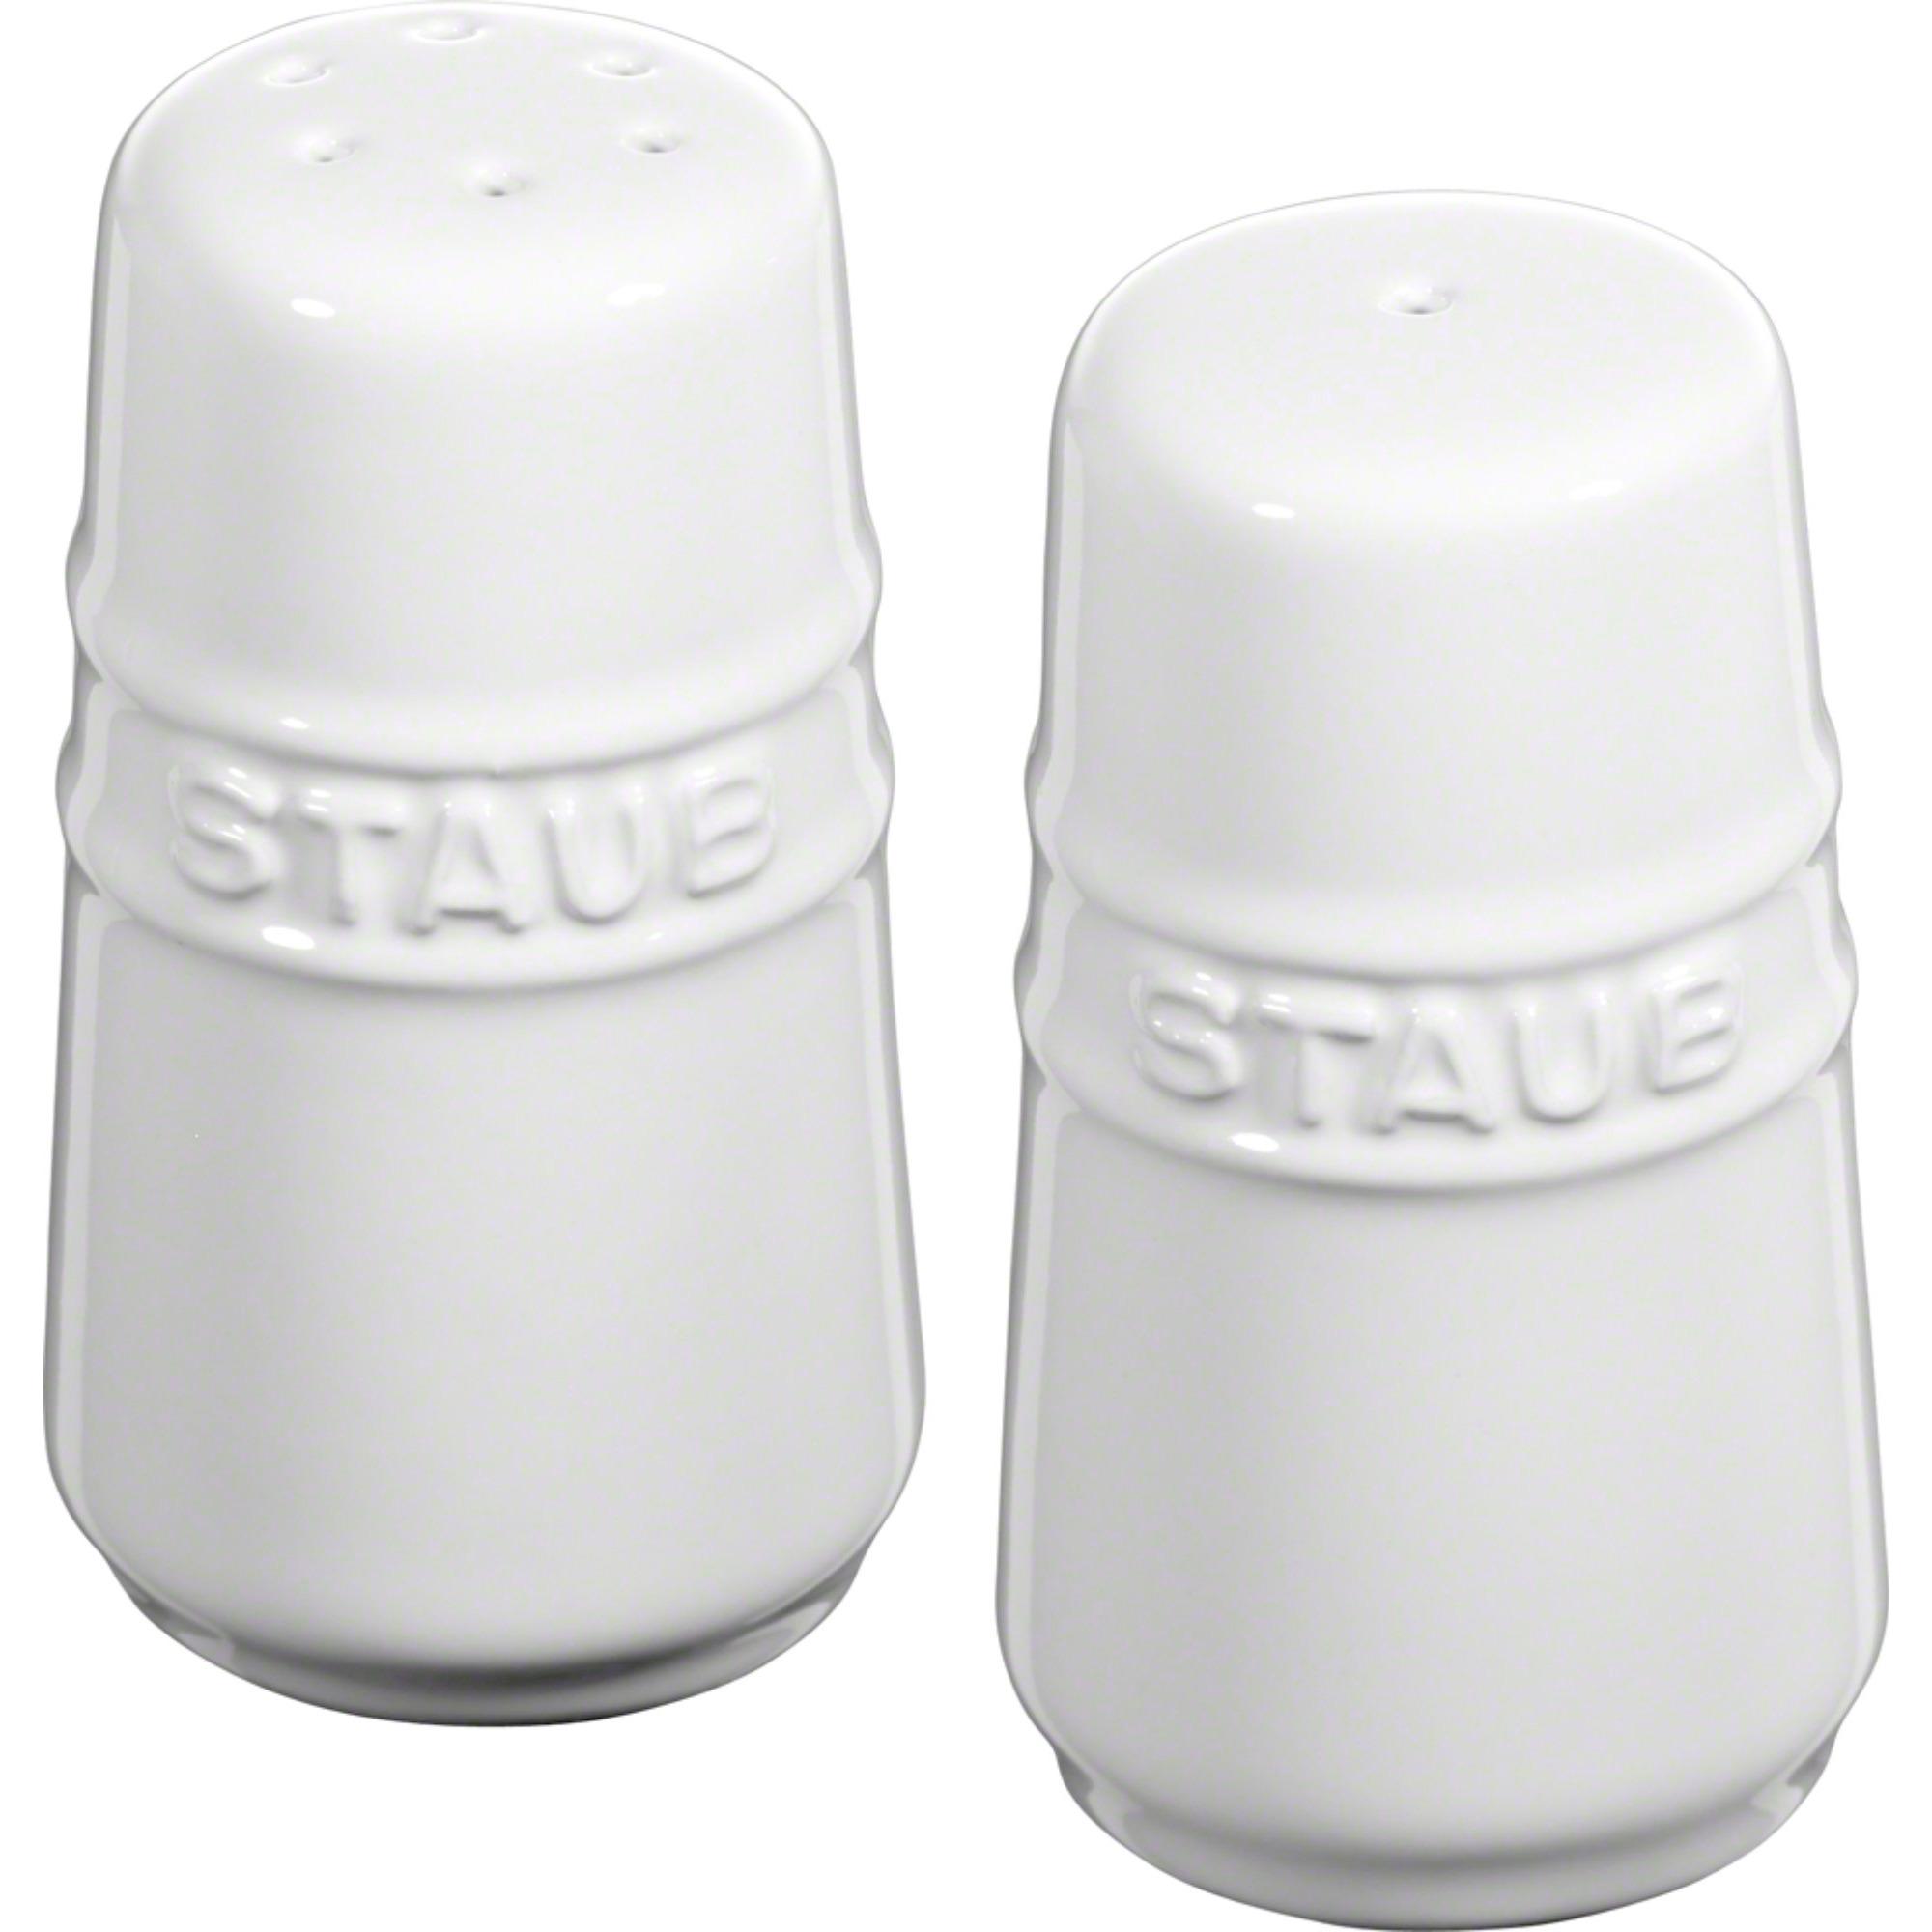 Staub Ceramic Salt & Peppar Set Vit 7 cm